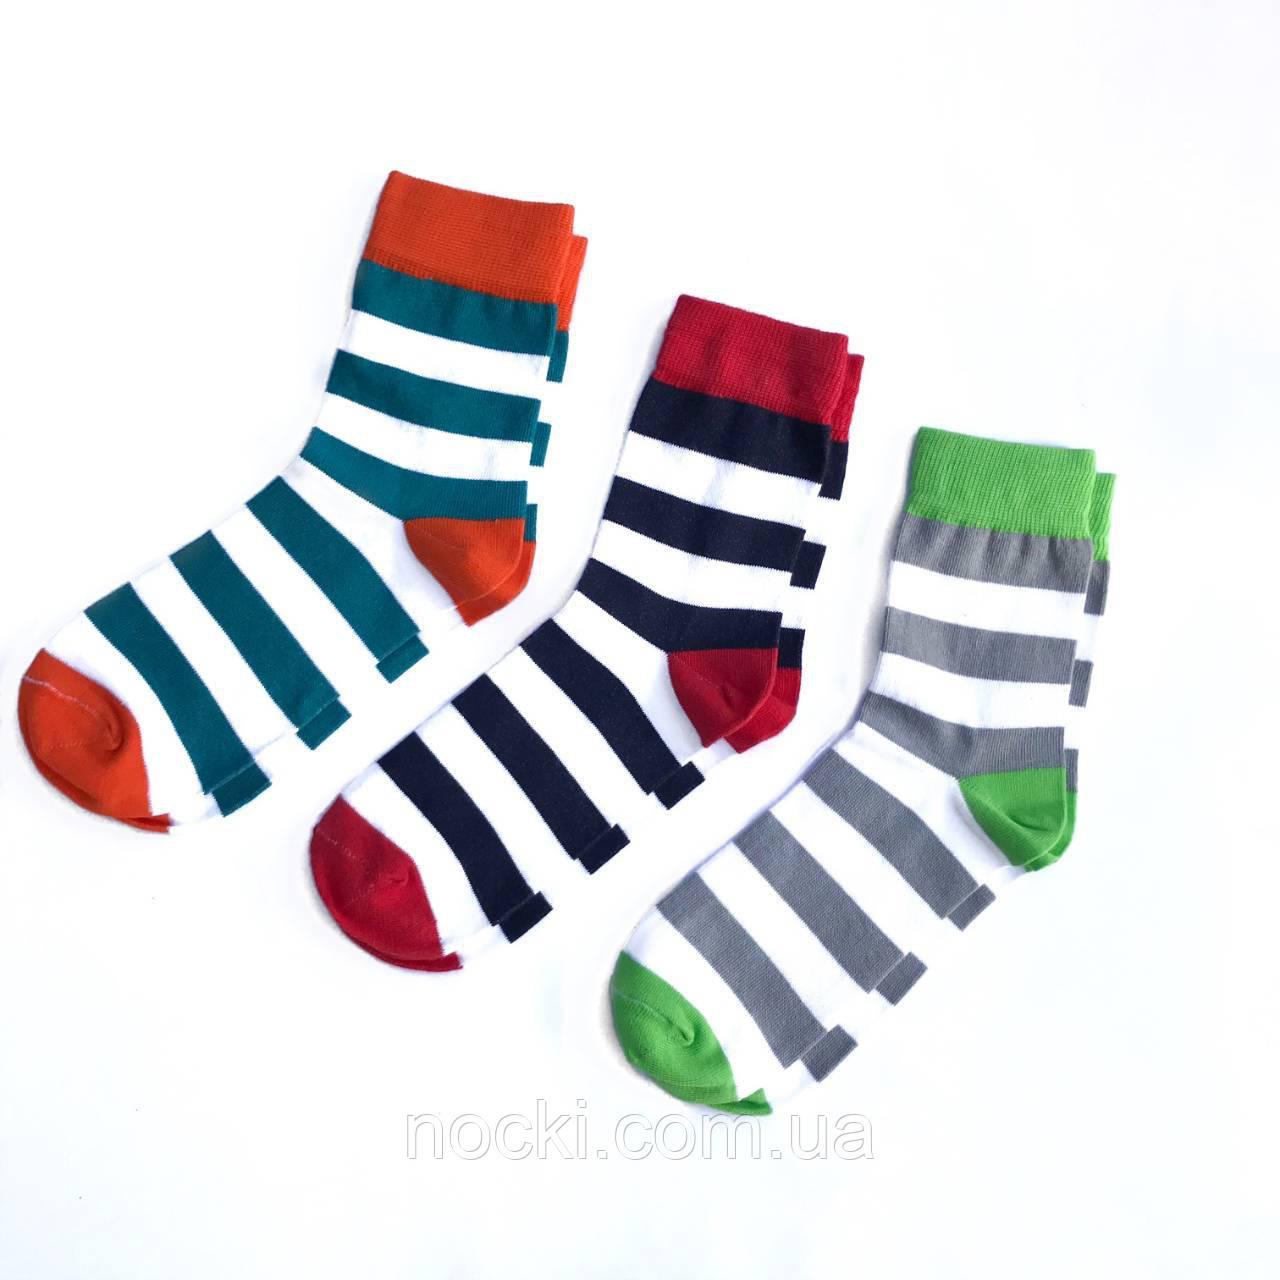 Мужские носки URBAN SOCKS